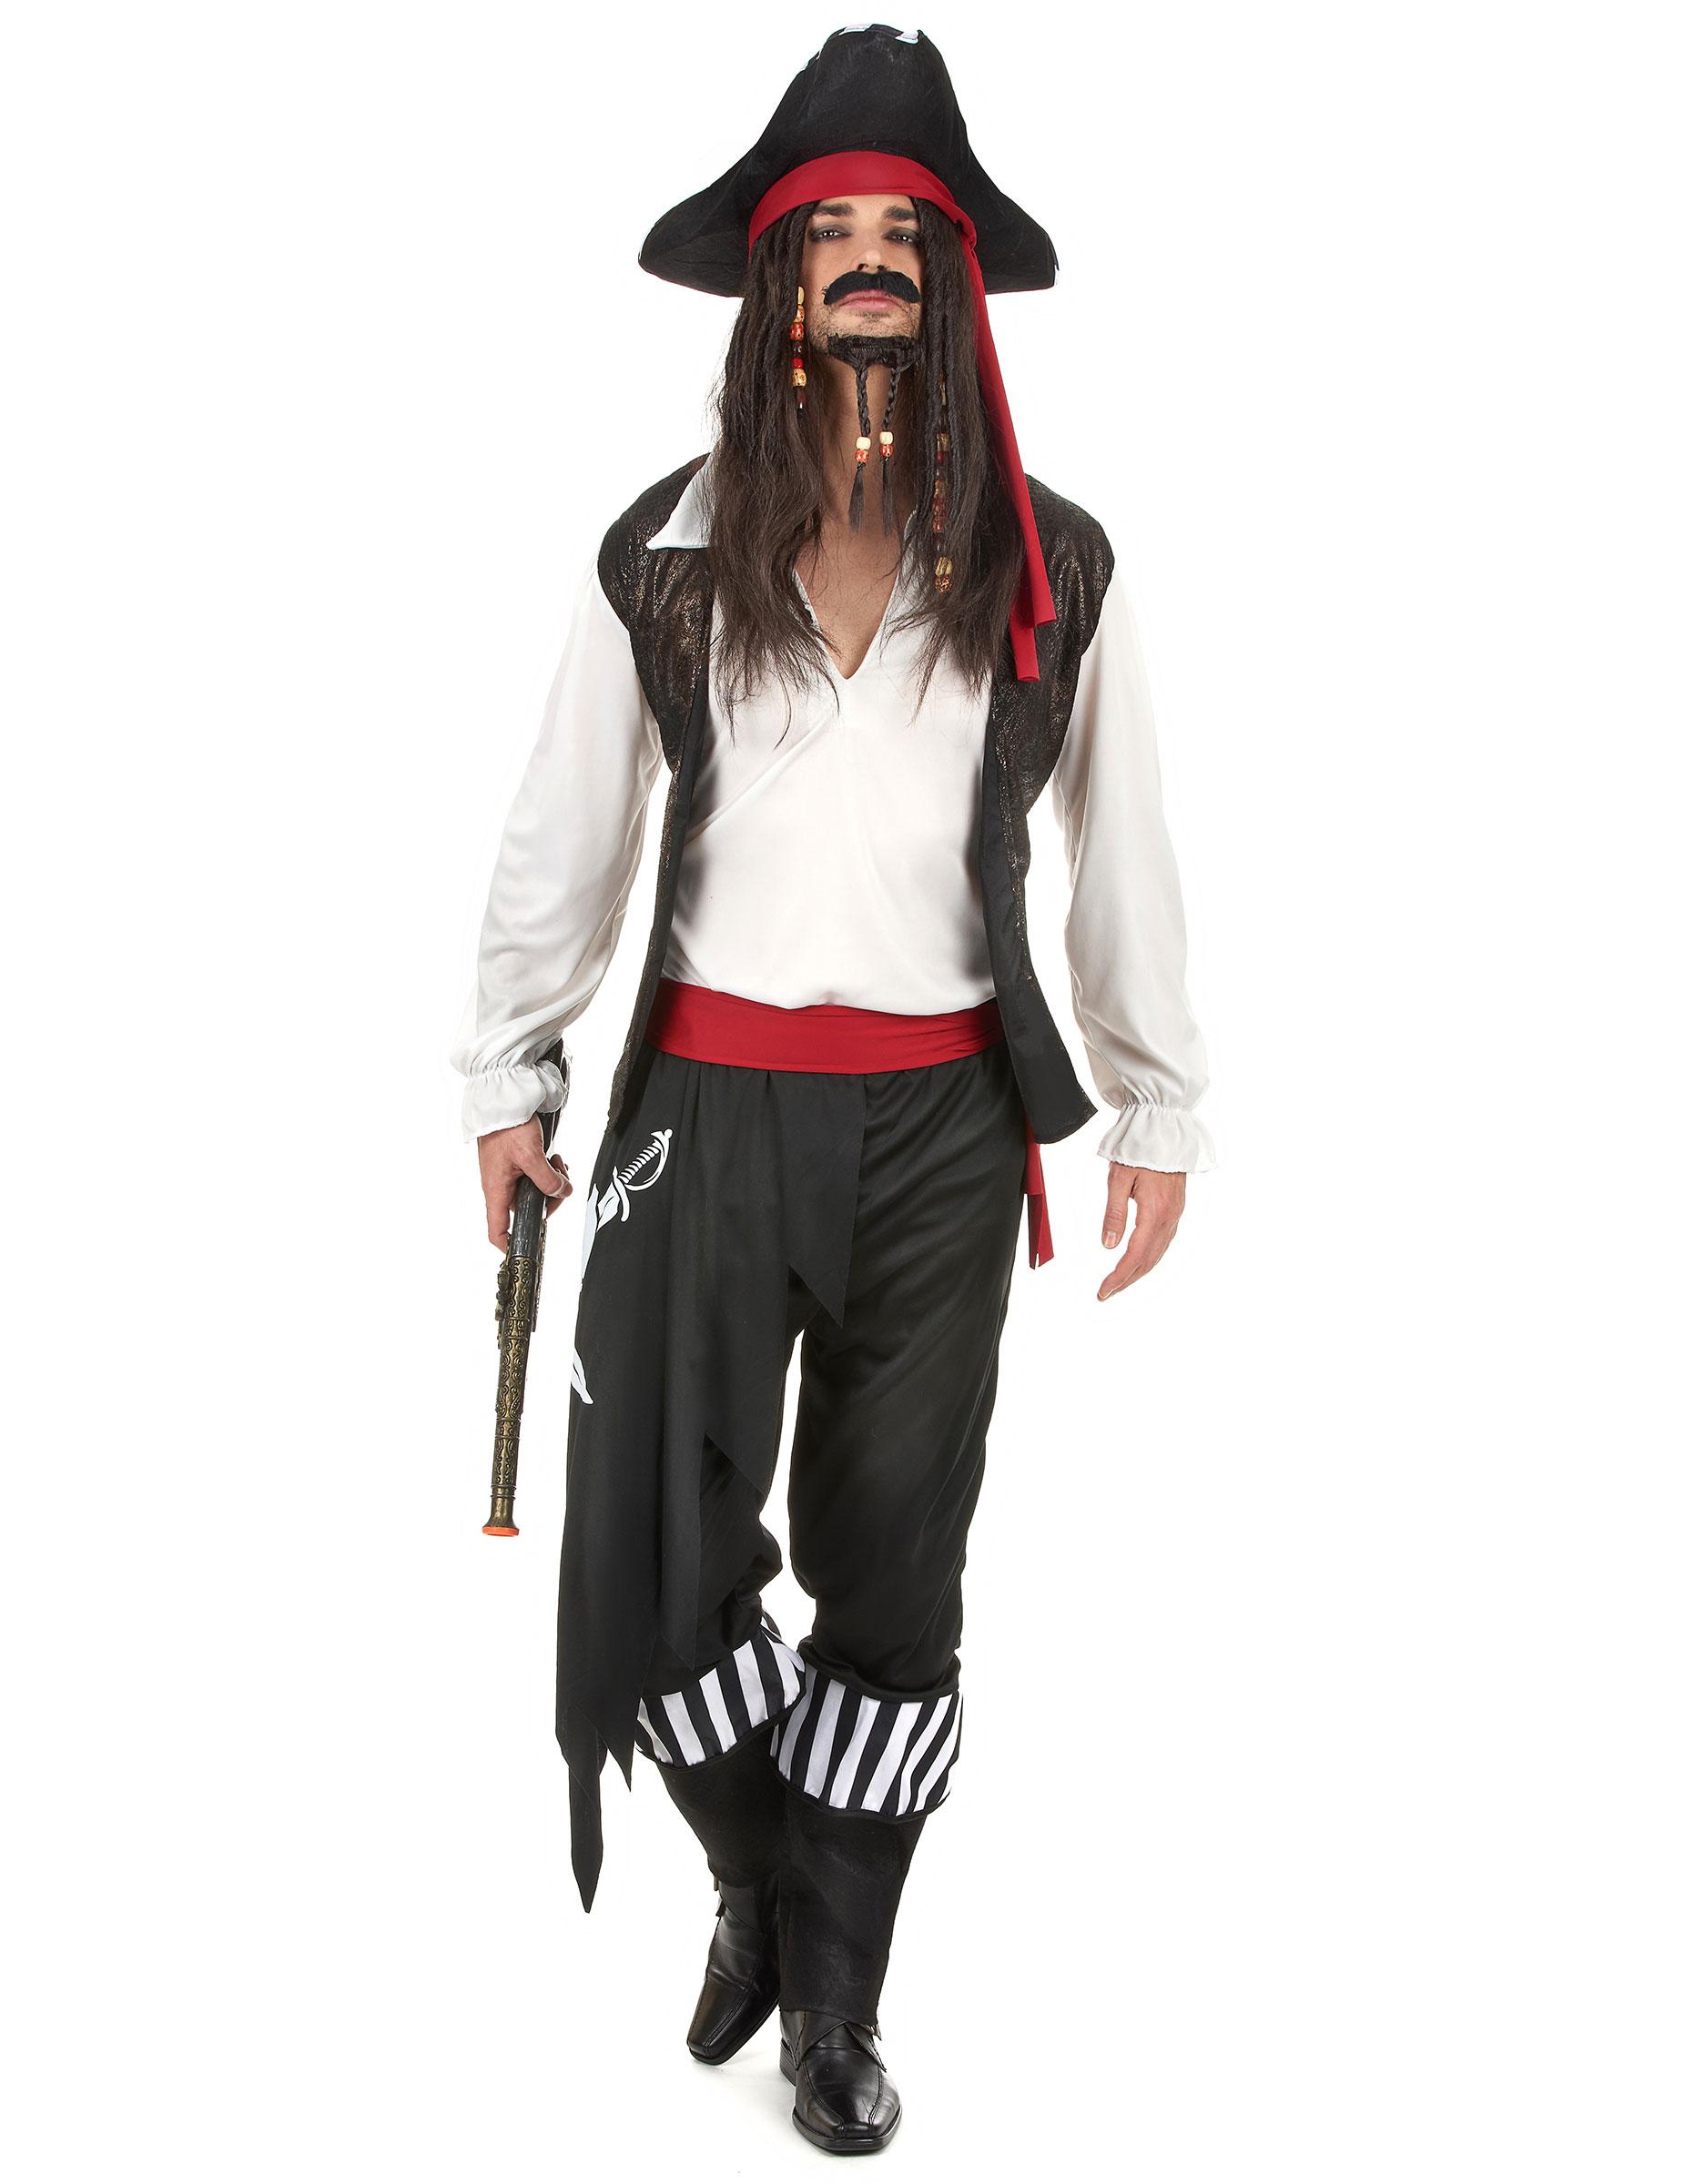 http://cdn.deguisetoi.fr/images/rep_art/gra/233/0/233000/deguisement-pirate-homme_233000.jpg